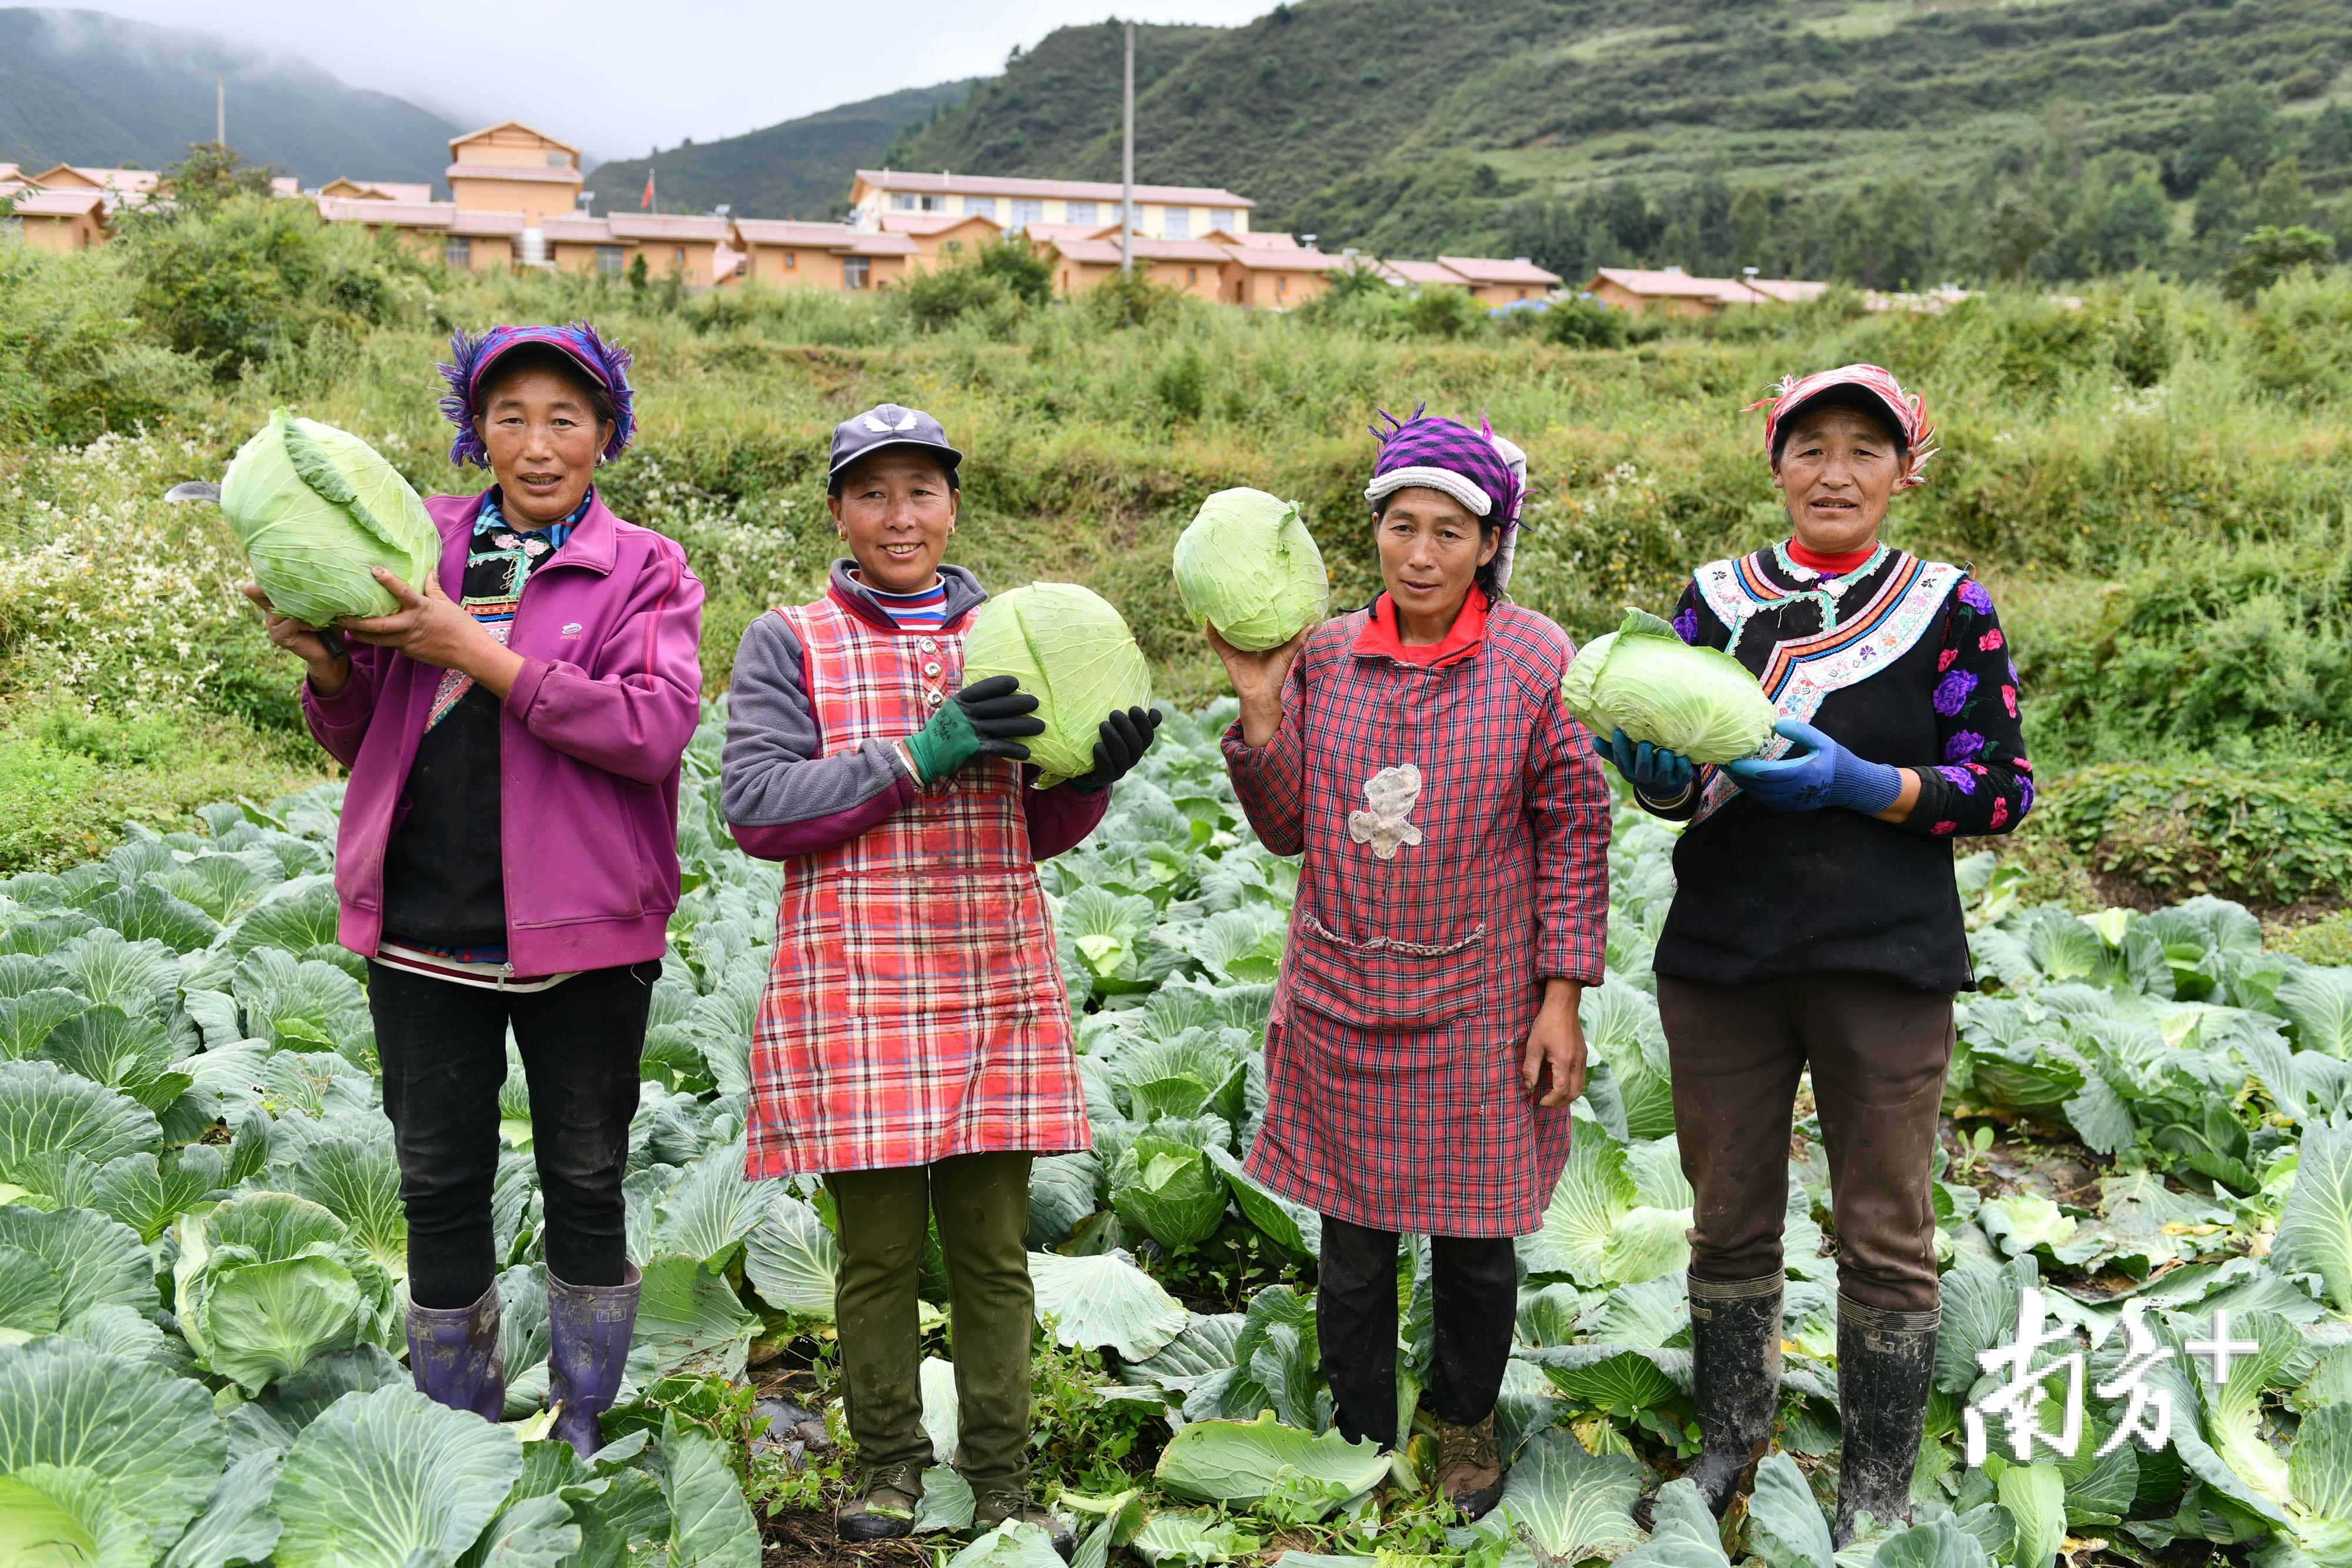 甘洛县蓼坪乡清水村,村民高兴地展示种植收割的有机蔬菜。